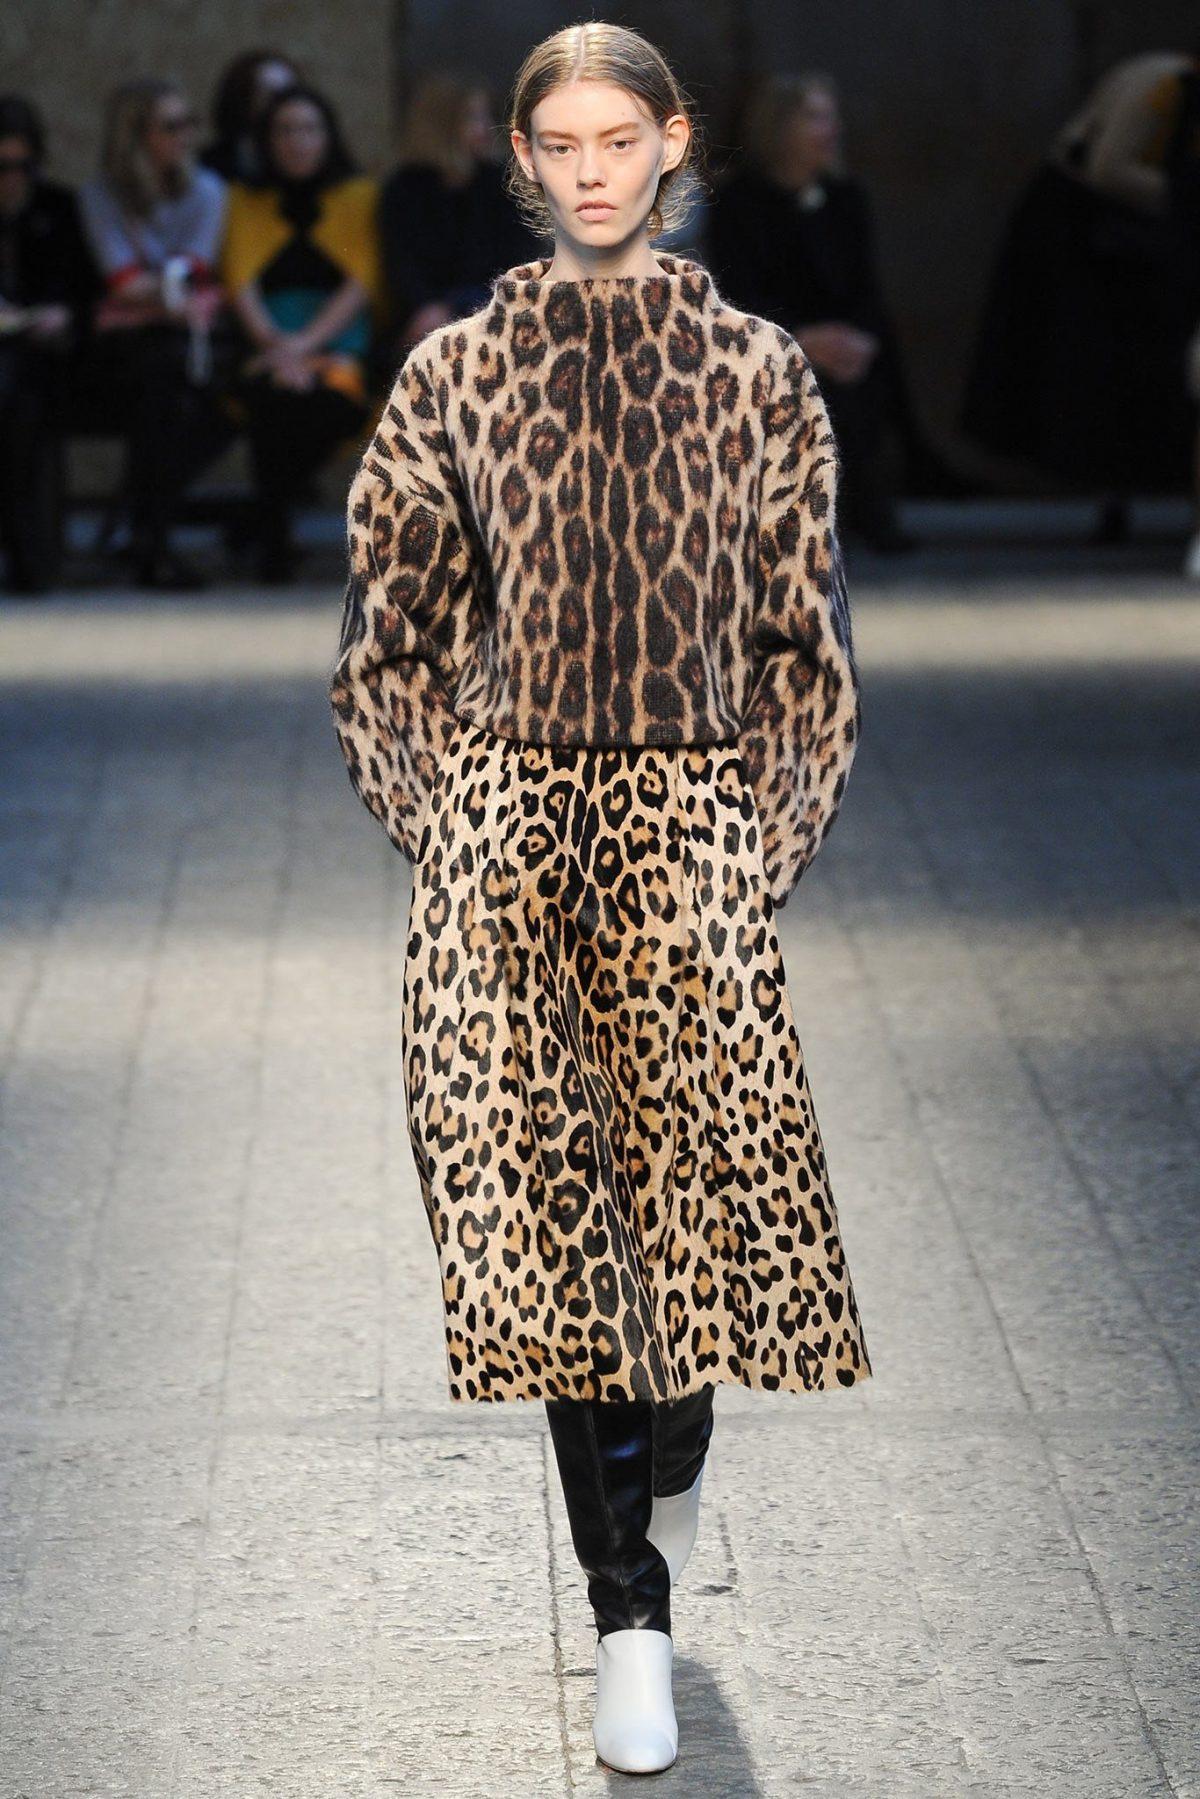 свитер и юбка леопардовый принт осень зима 2018 2019